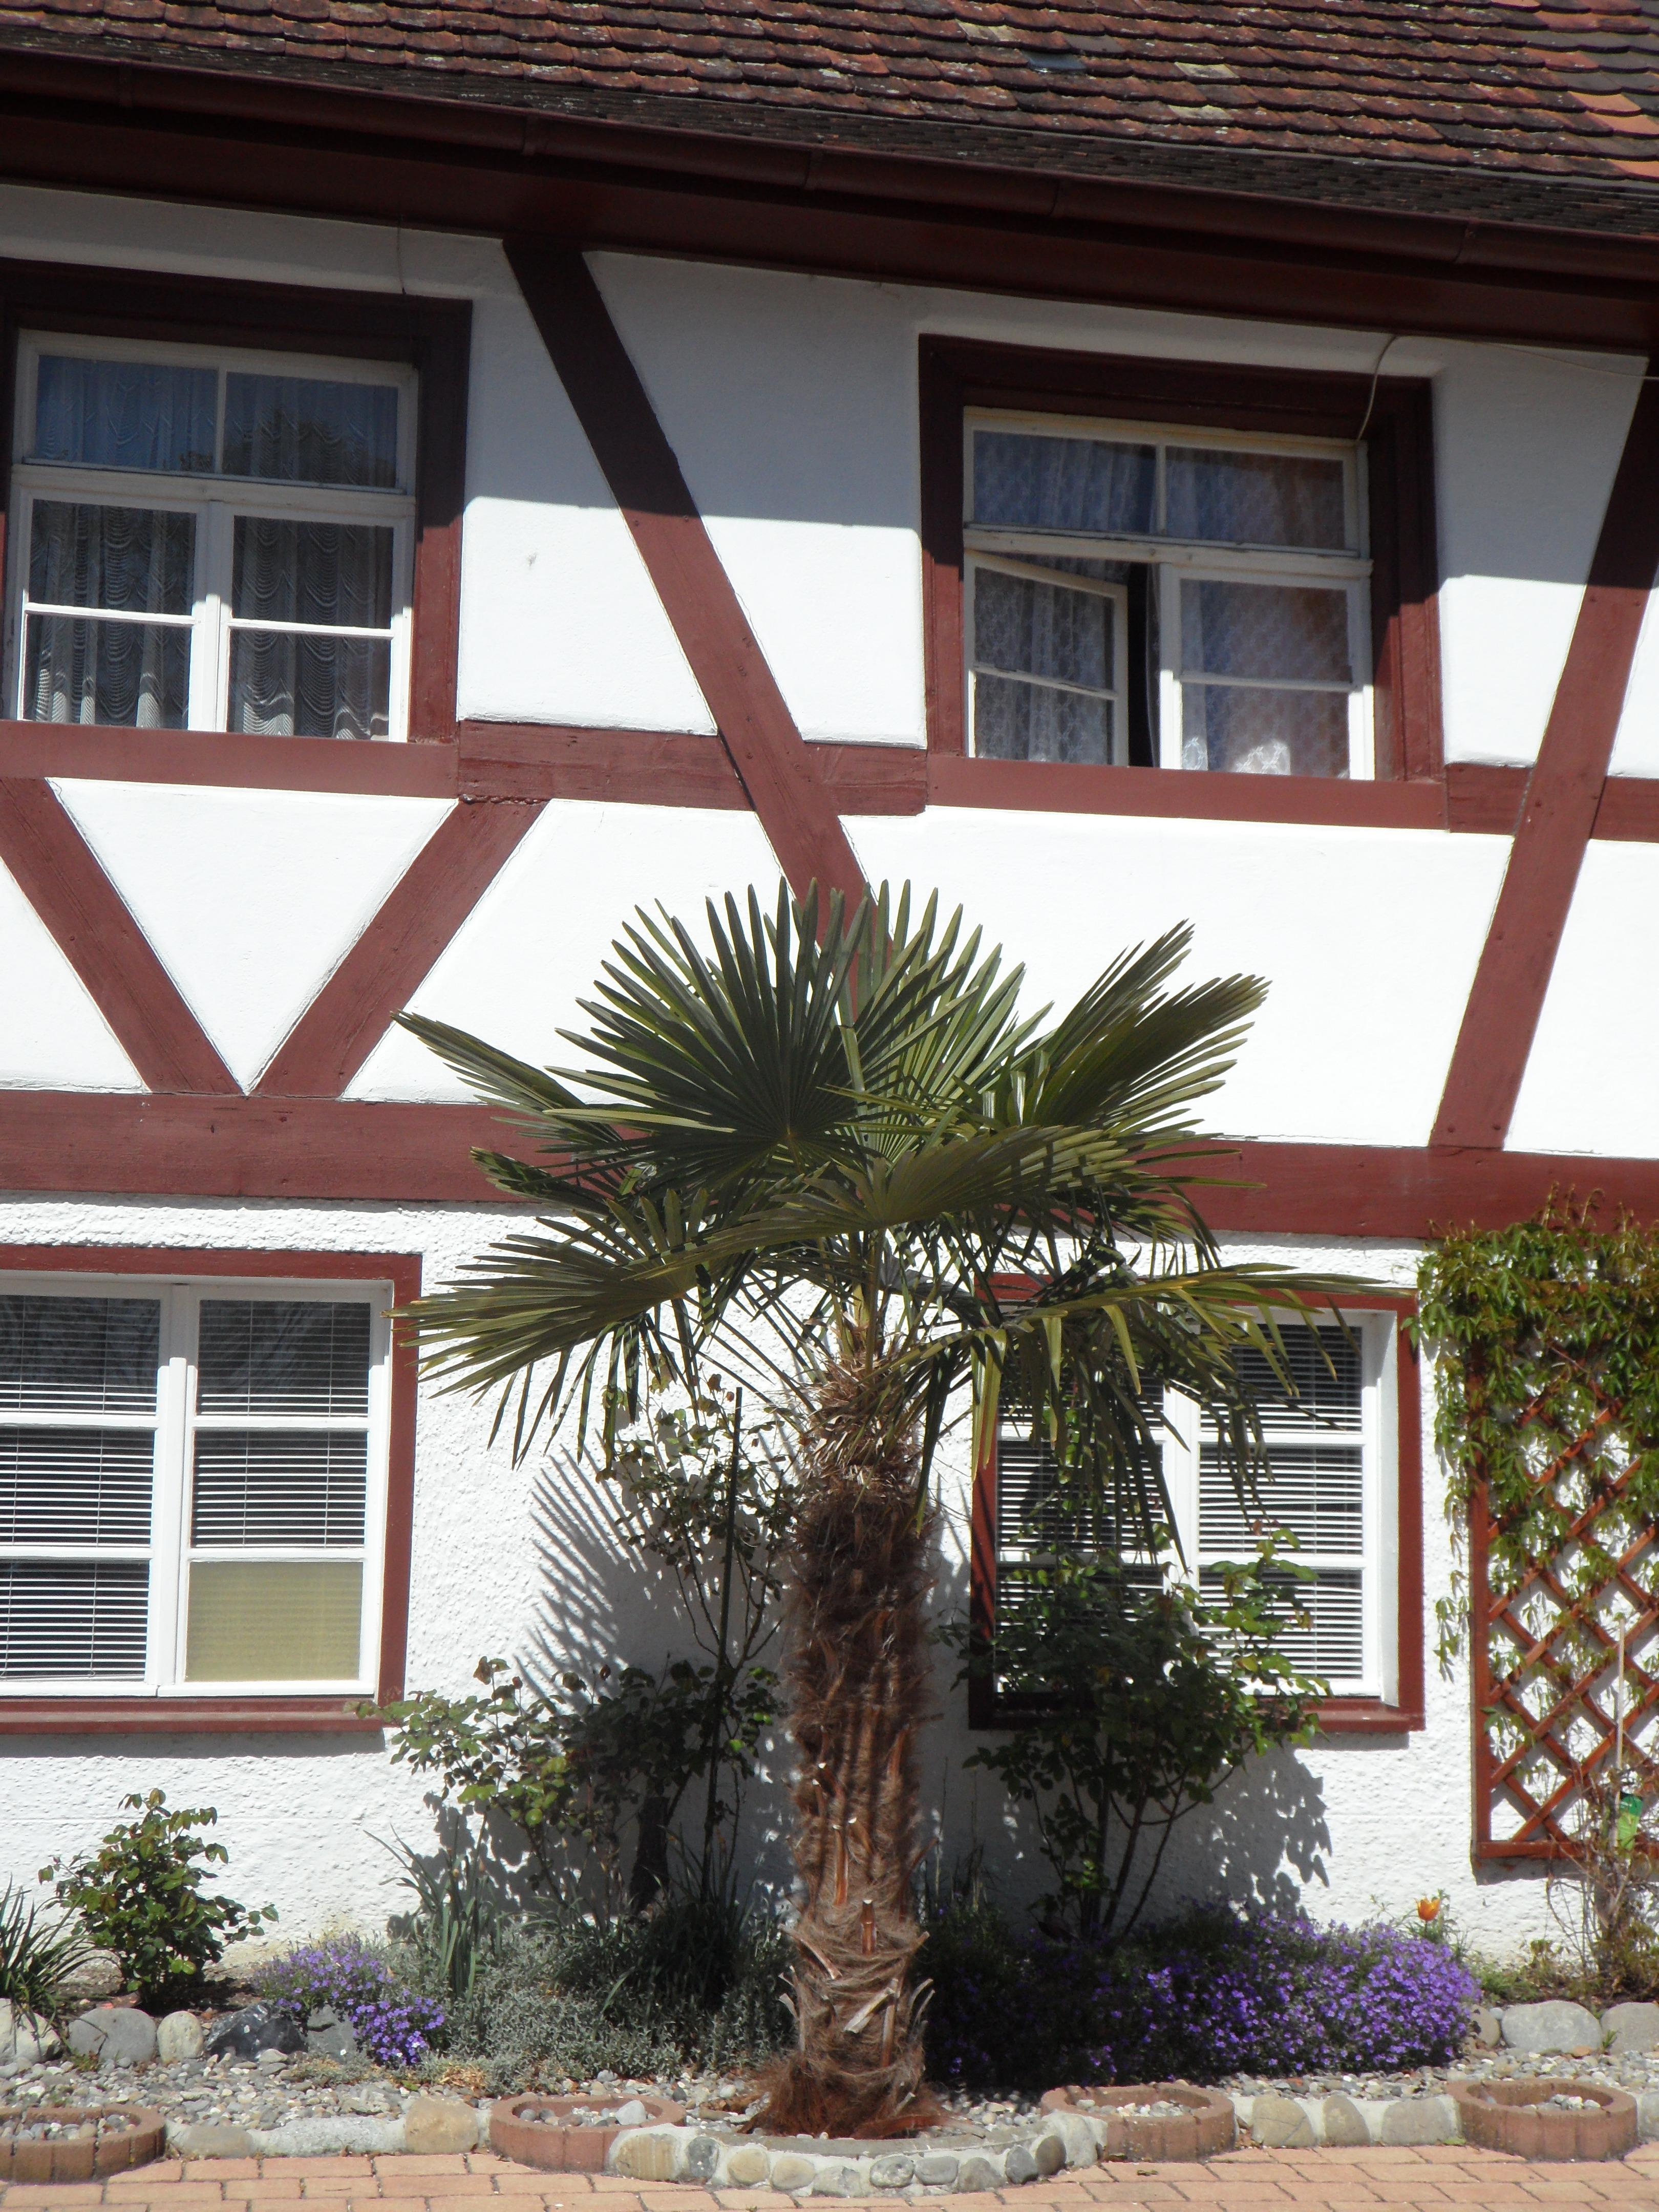 Fenster Fachwerkhaus kostenlose foto baum holz villa haus fenster dach gebäude